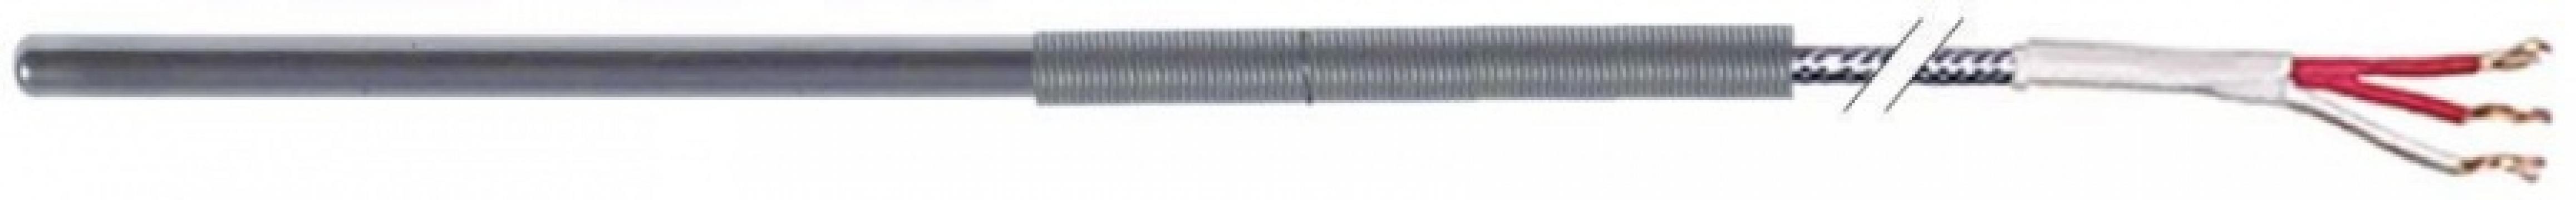 Sonda de temperatura PT10, cablu Vetrotex, 0....+350C